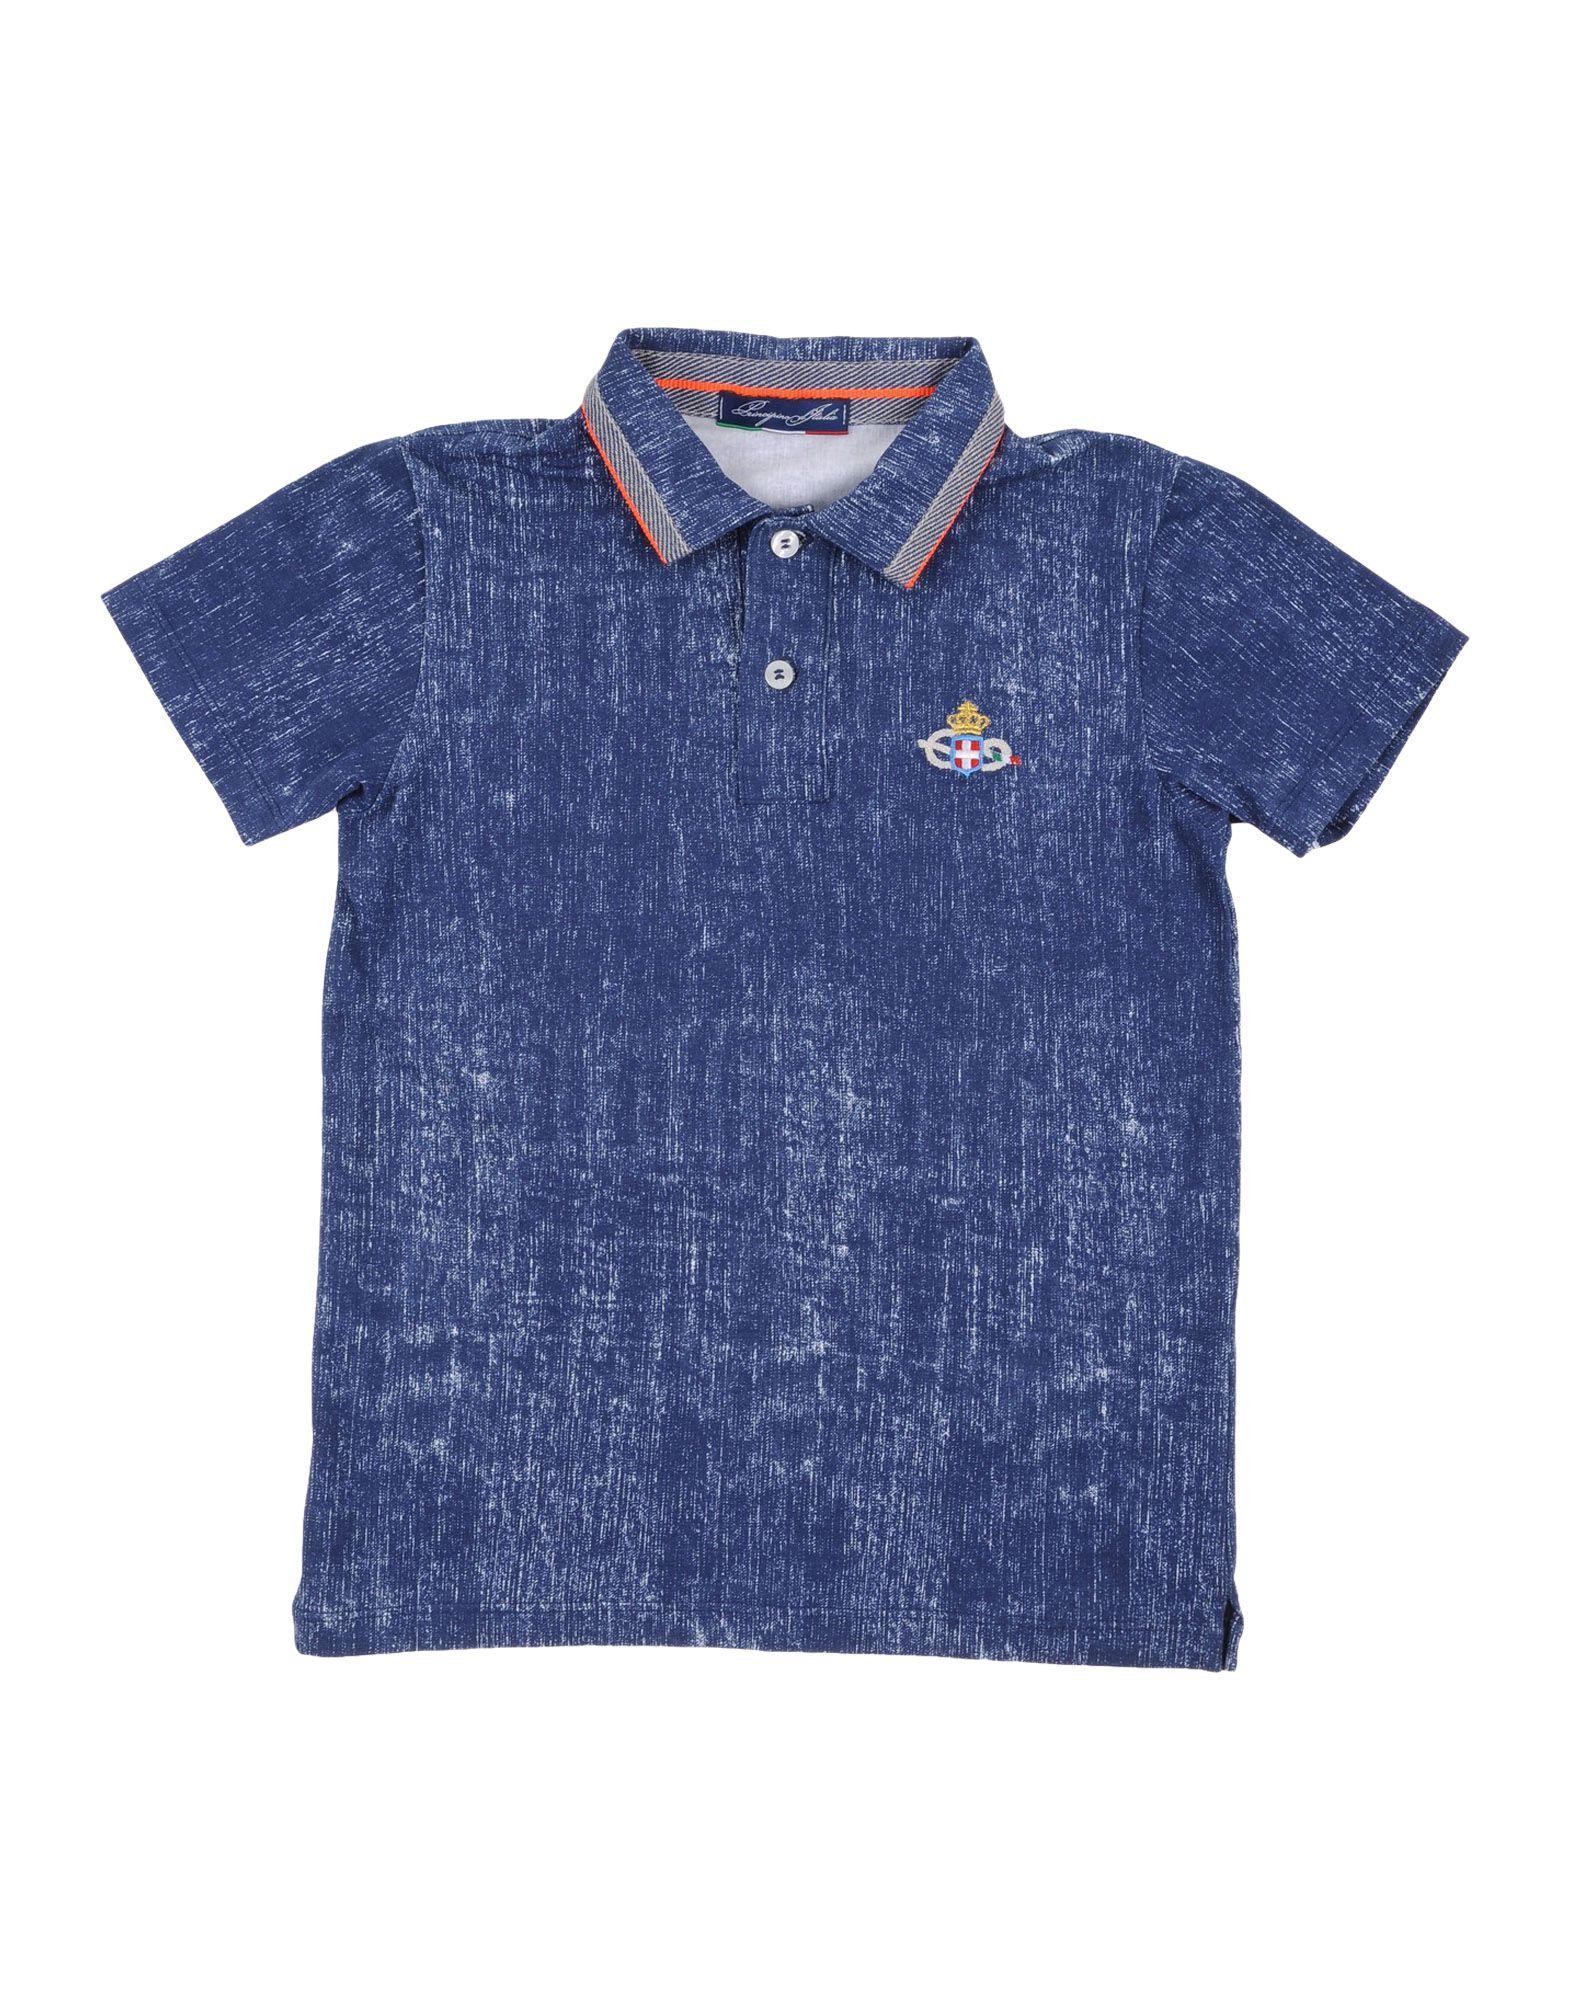 PRINCIPINO DITALIA Polo shirts